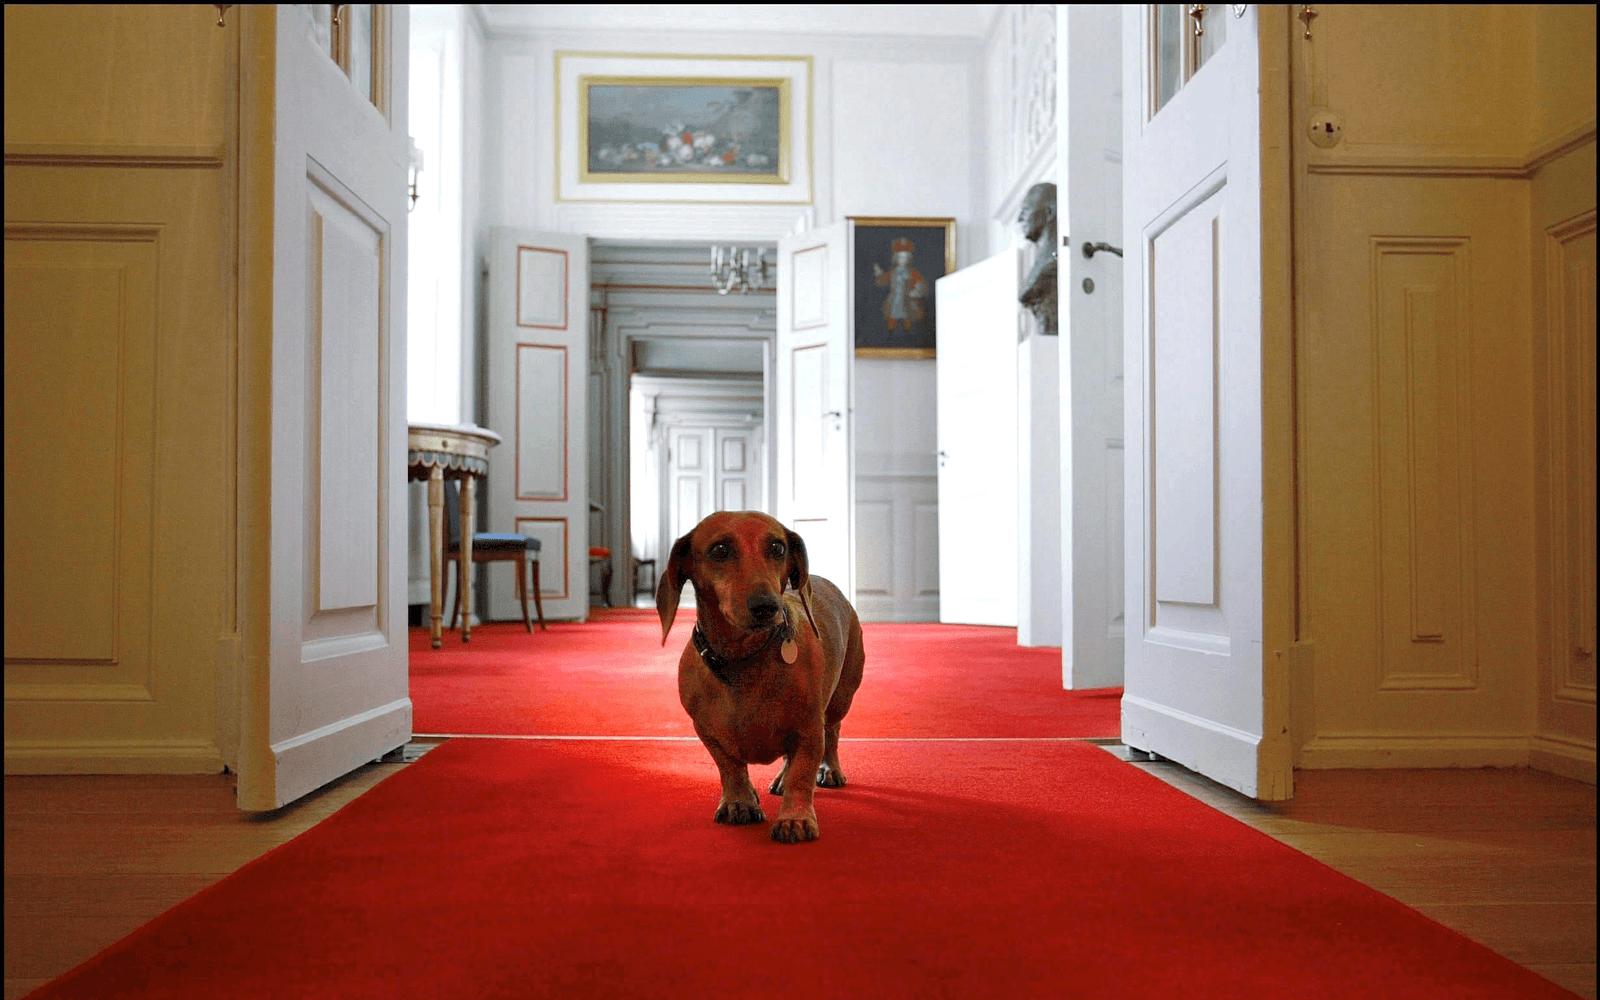 dachshund museum